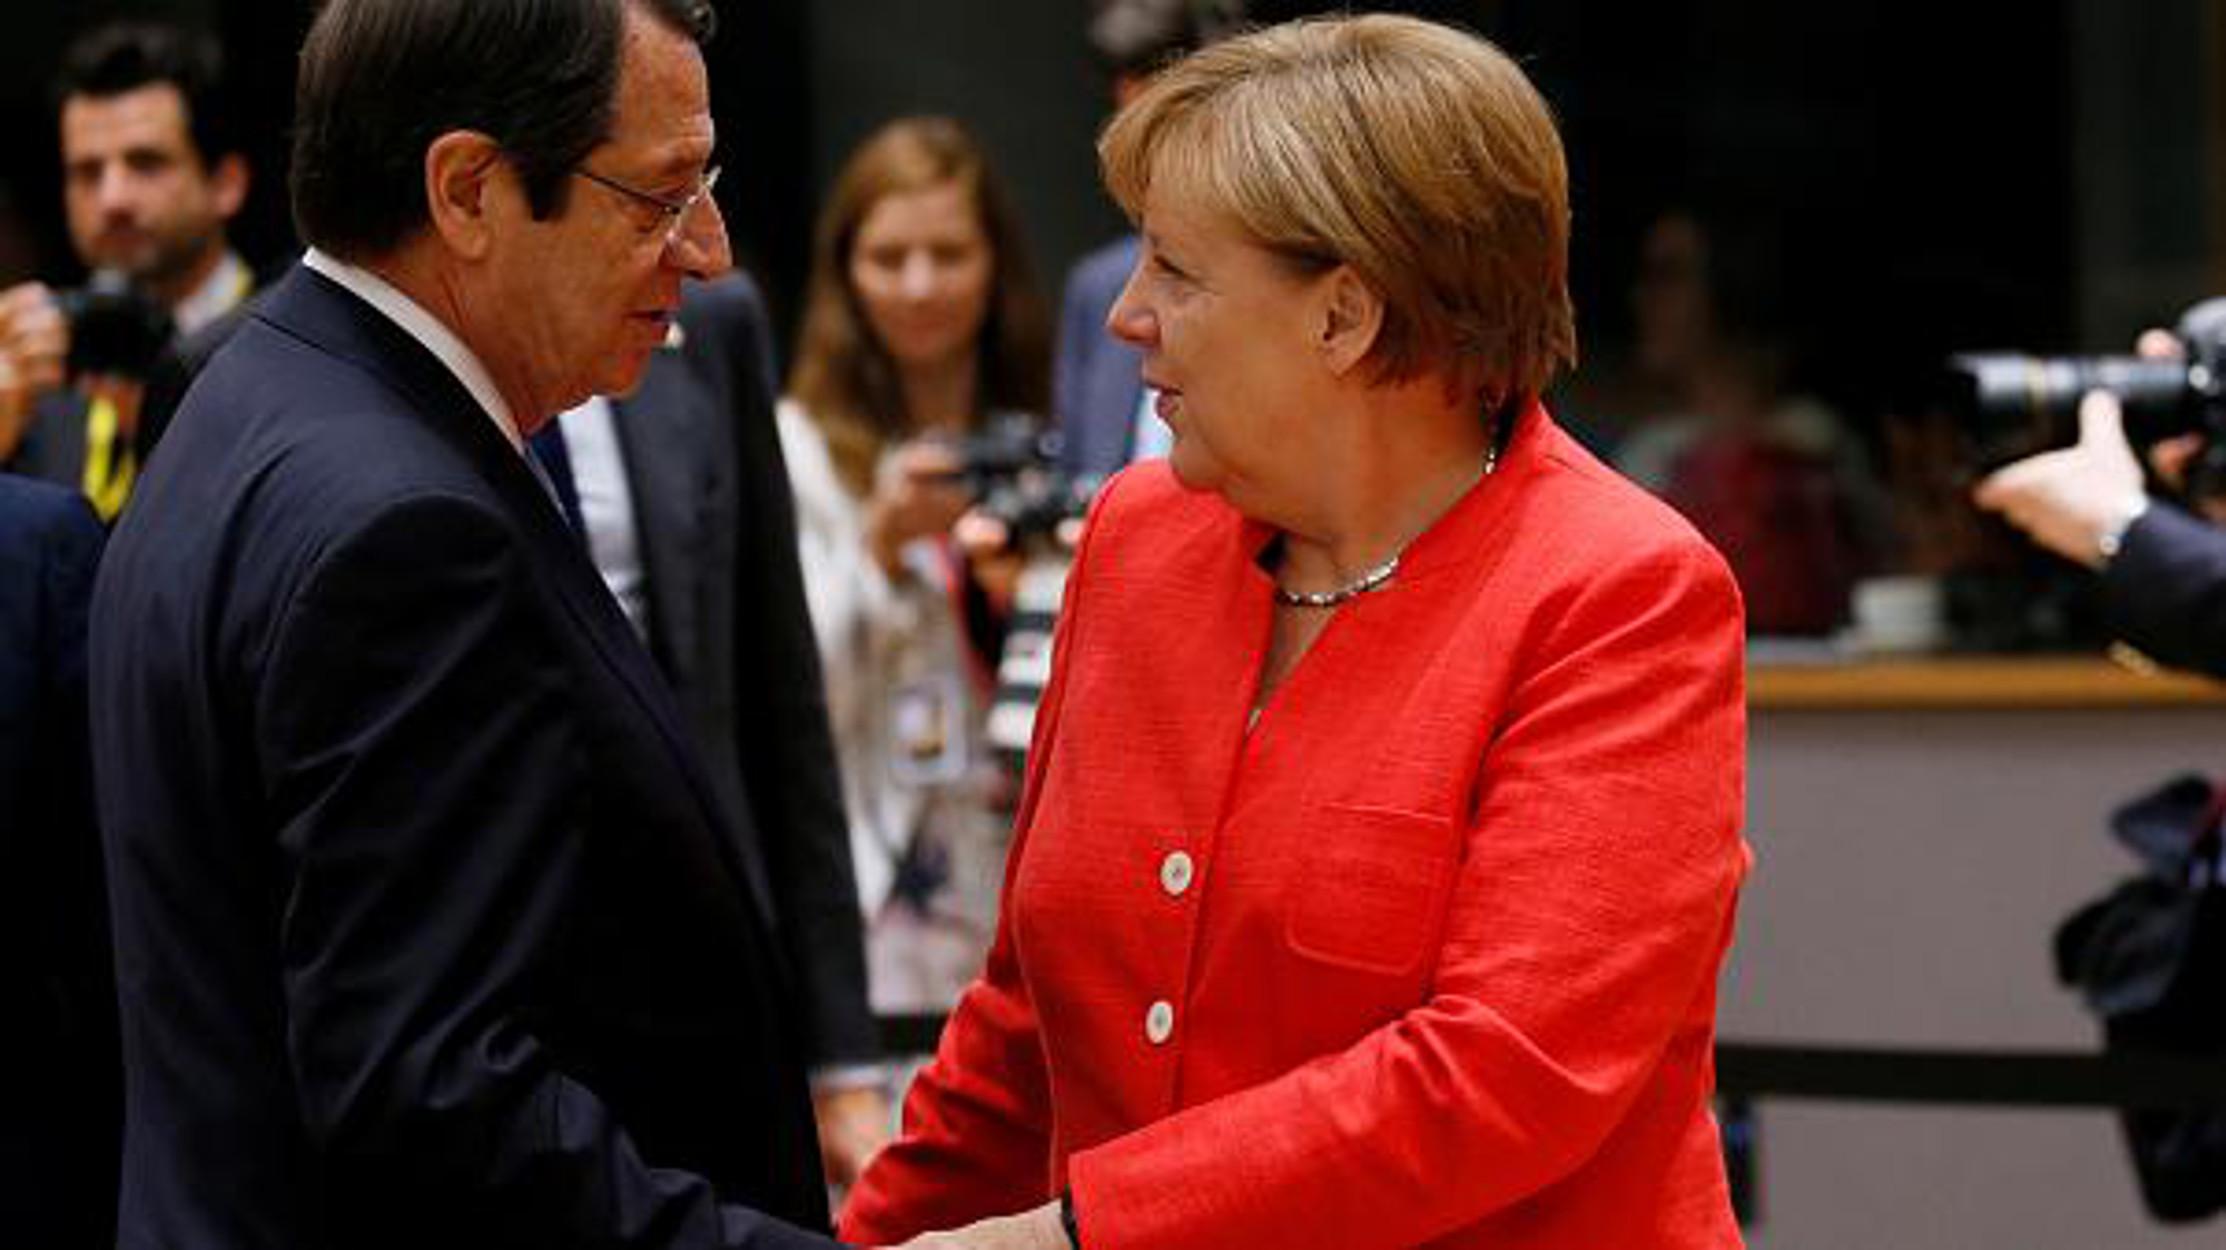 Αναστασιάδης σε Μέρκελ: Πες του Ερντογάν να σταματήσει τις γεωτρήσεις στην Κυπριακή ΑΟΖ